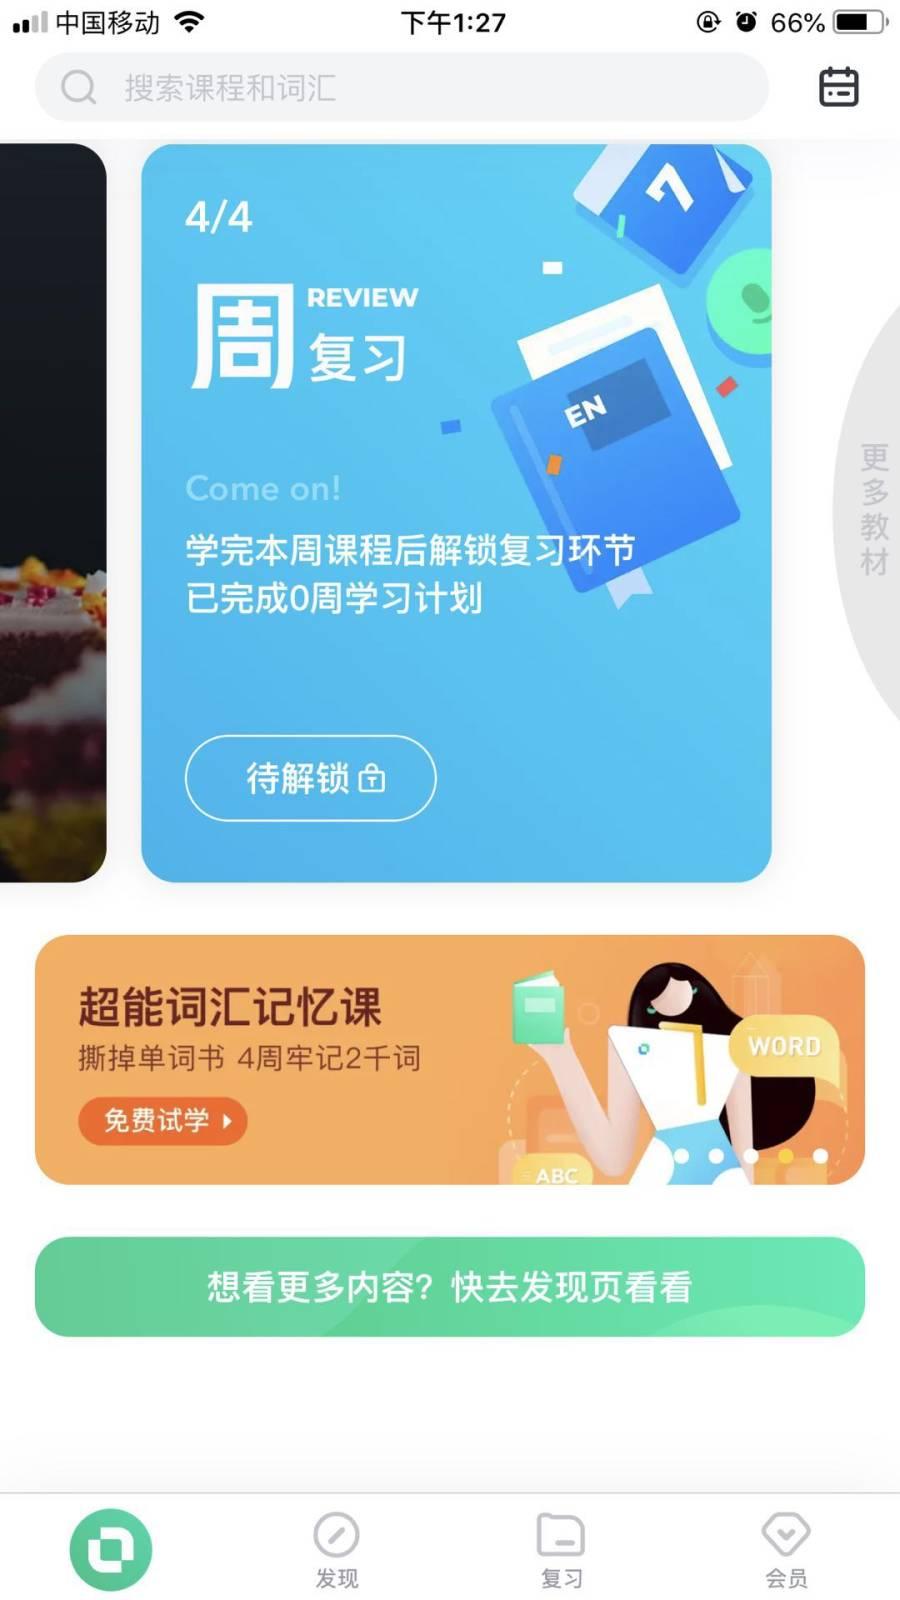 开言英语app——风靡网络的开言英语到底怎么样?